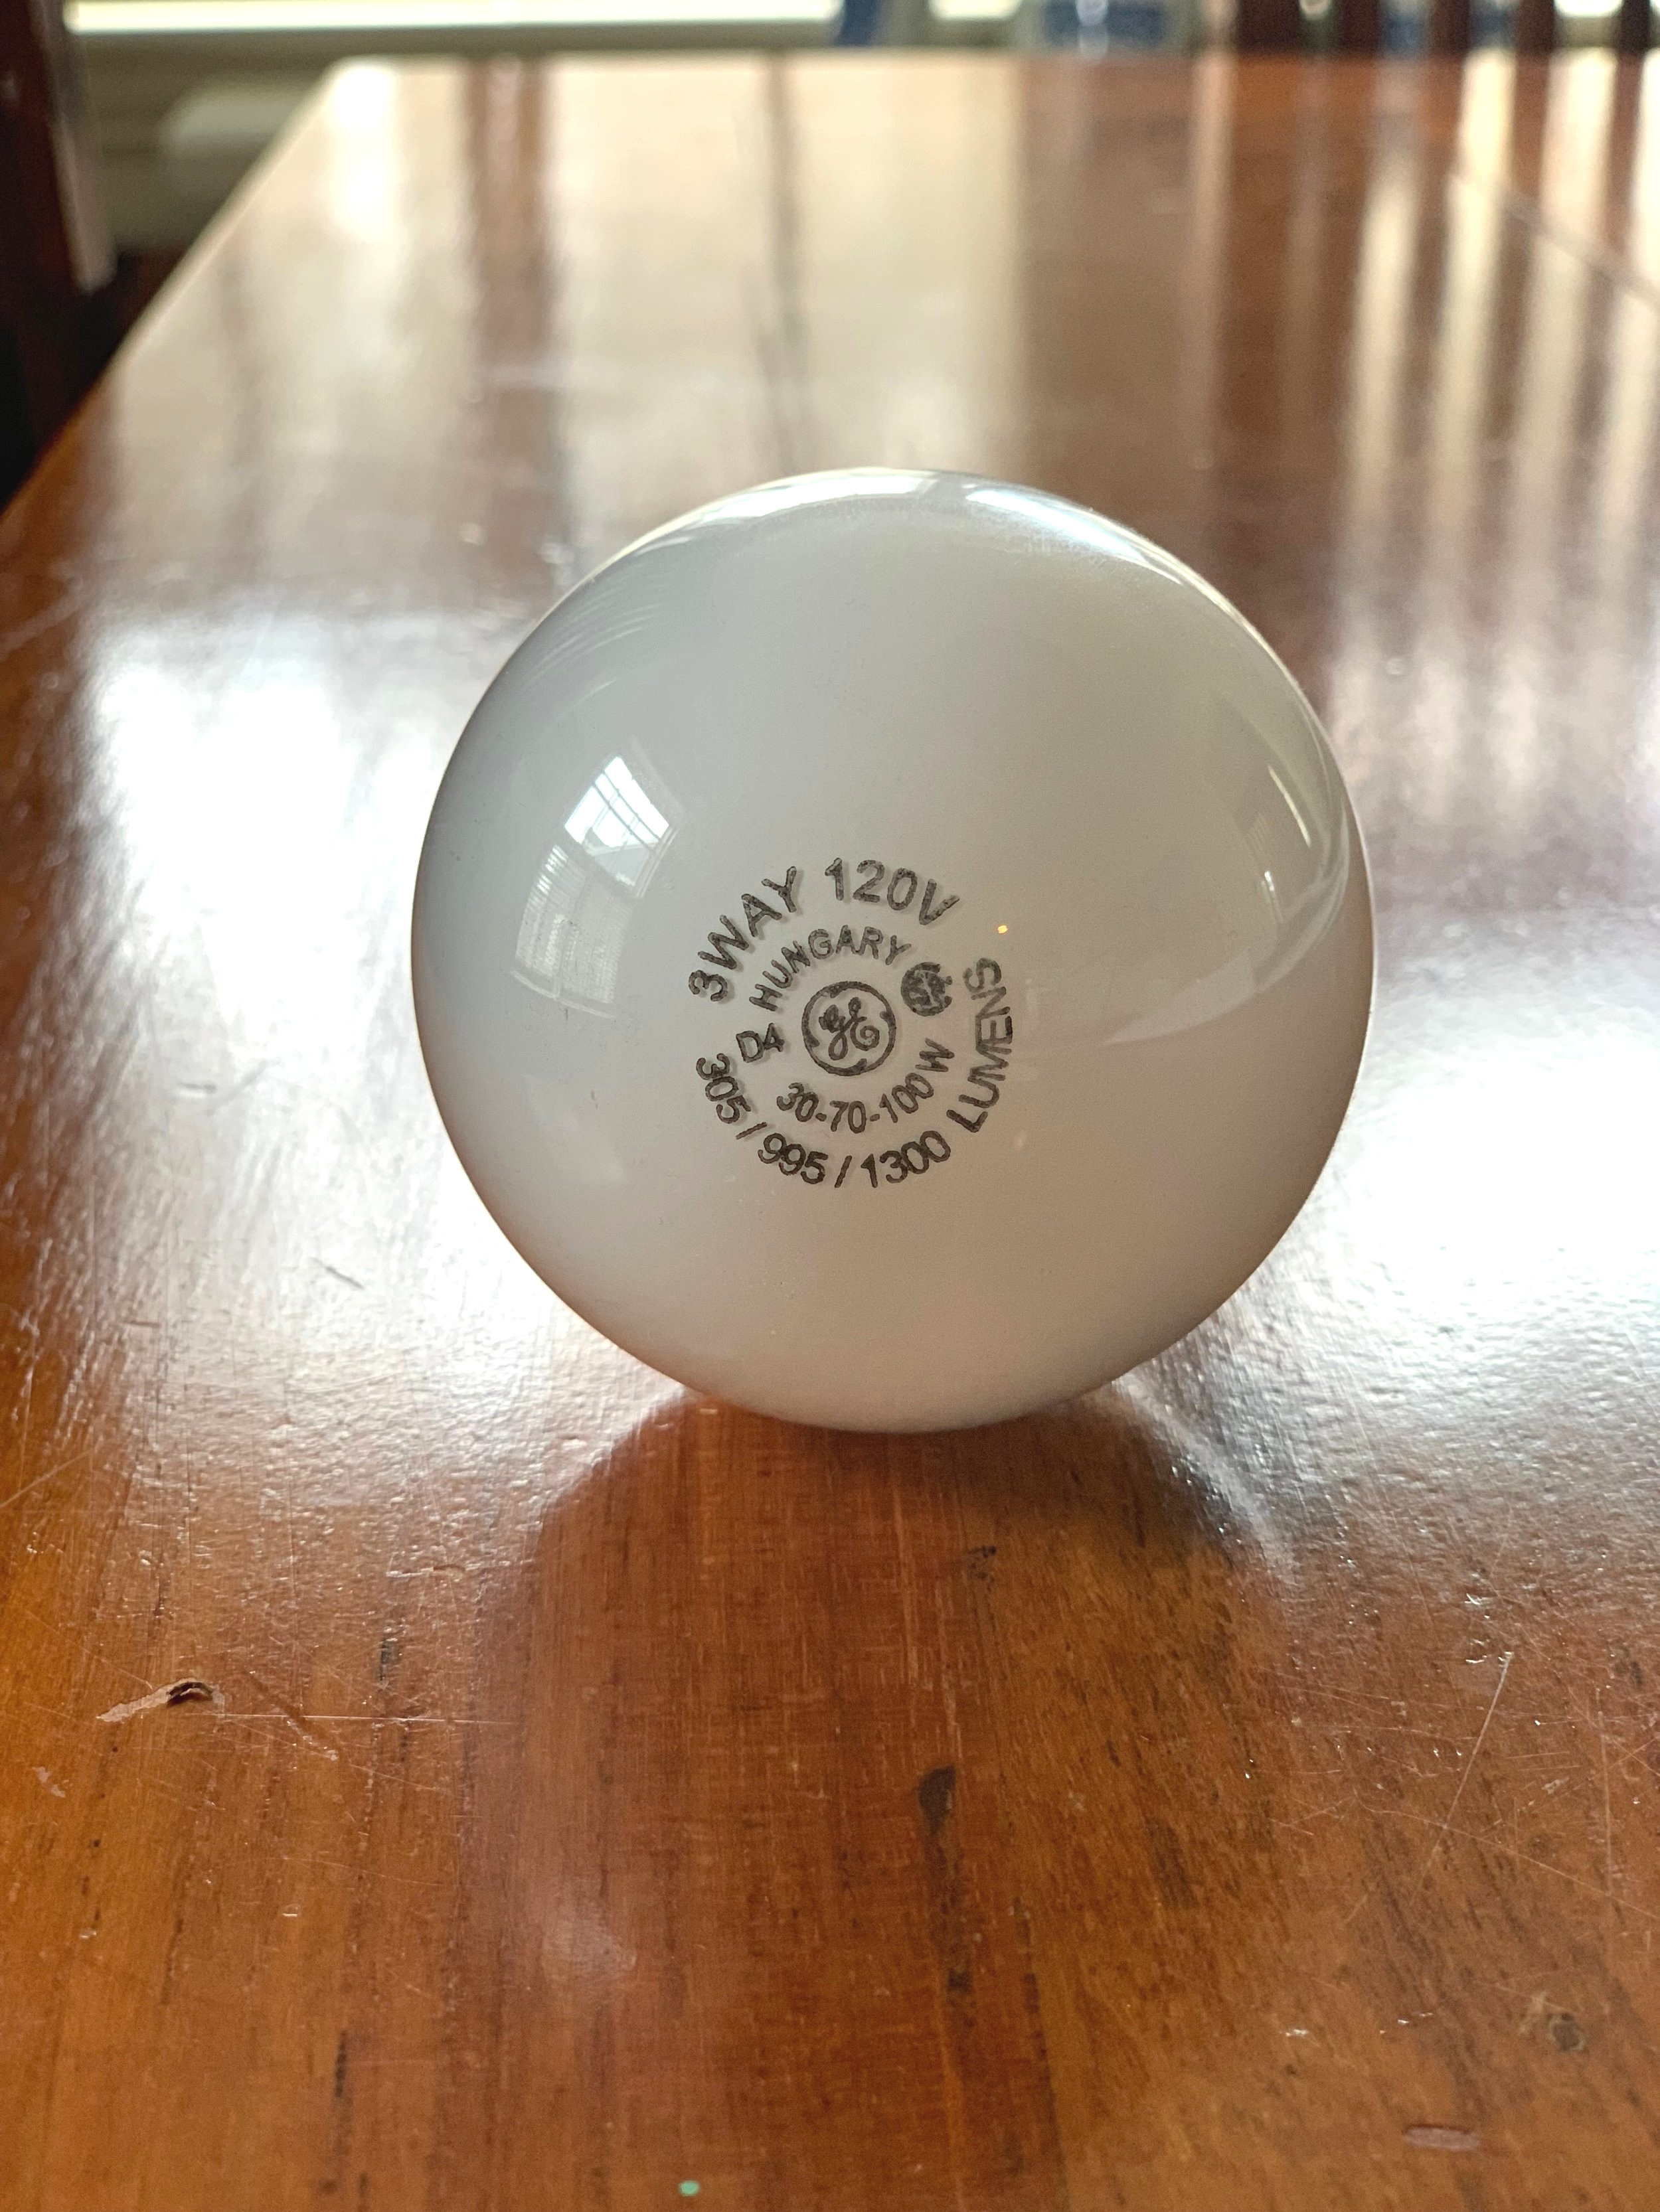 GE+Lightbulb